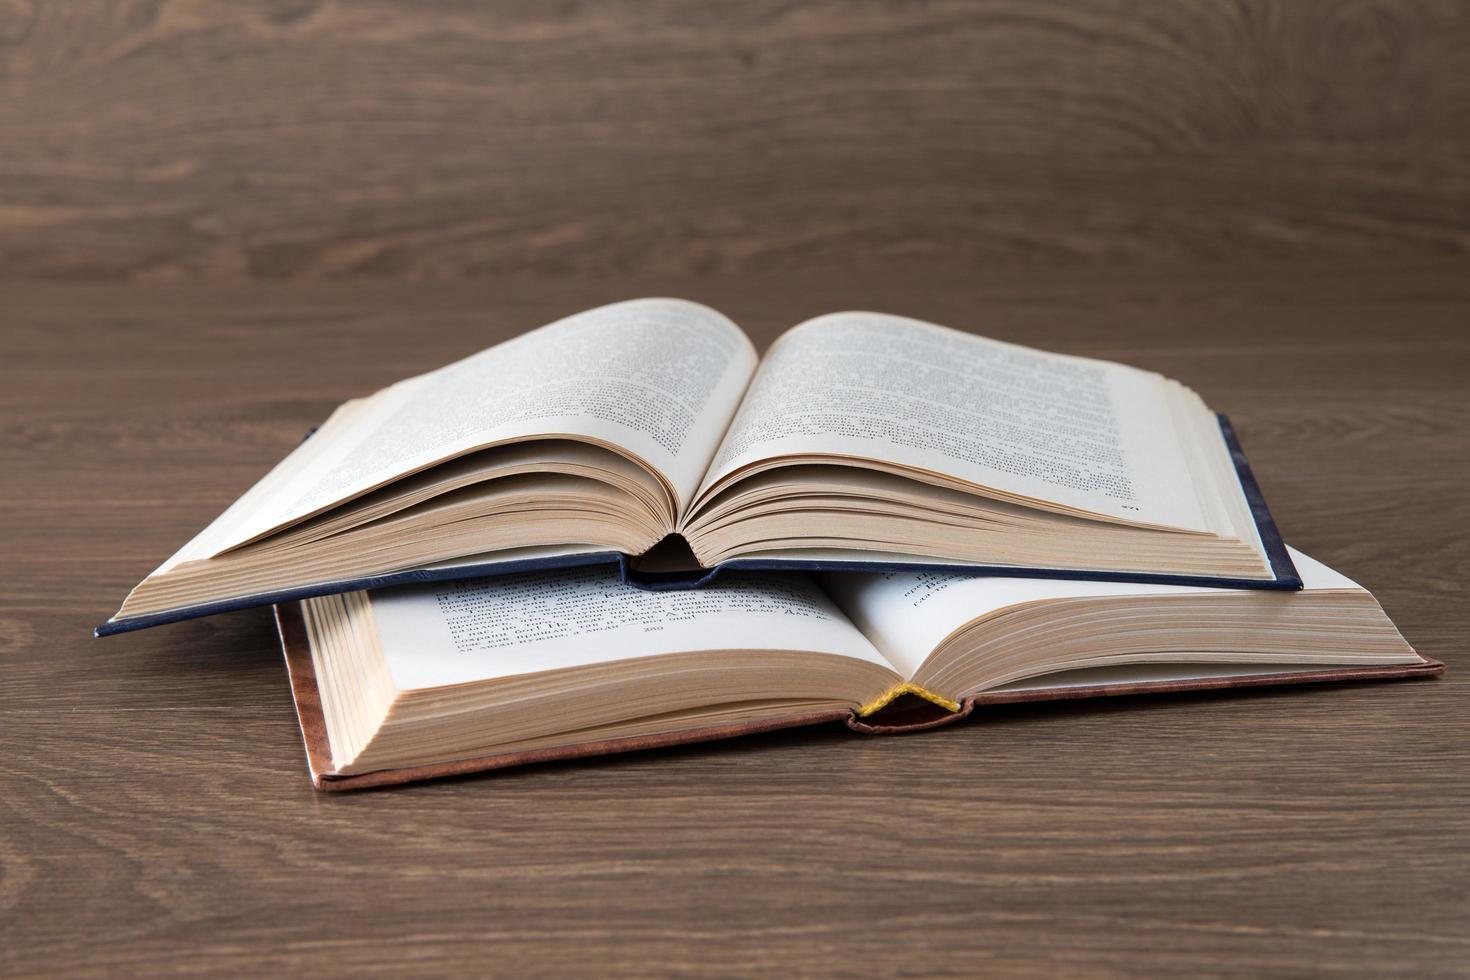 libro abierto sobre mesa de madera foto